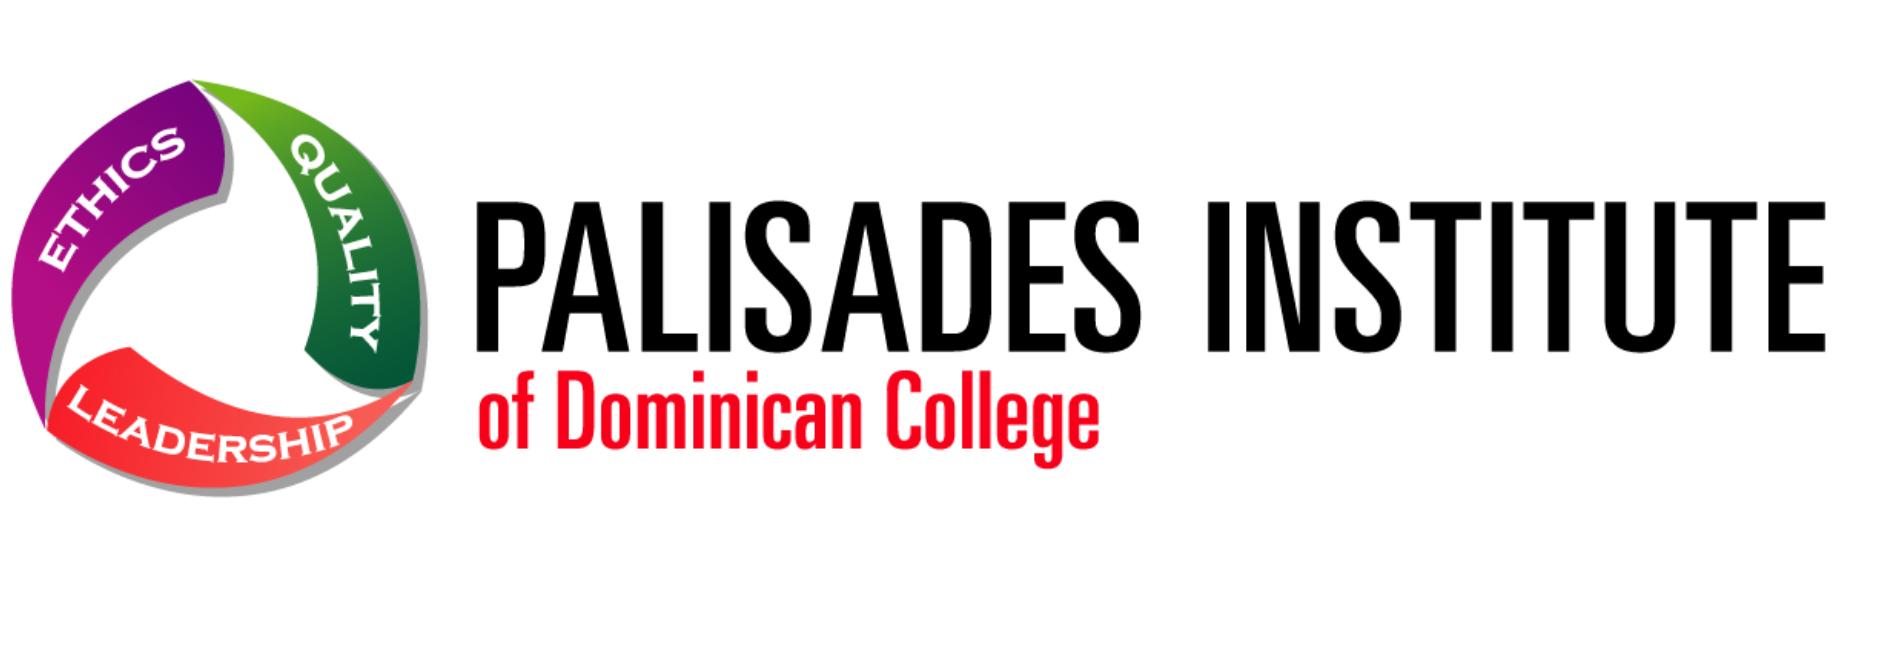 Palisades Institute